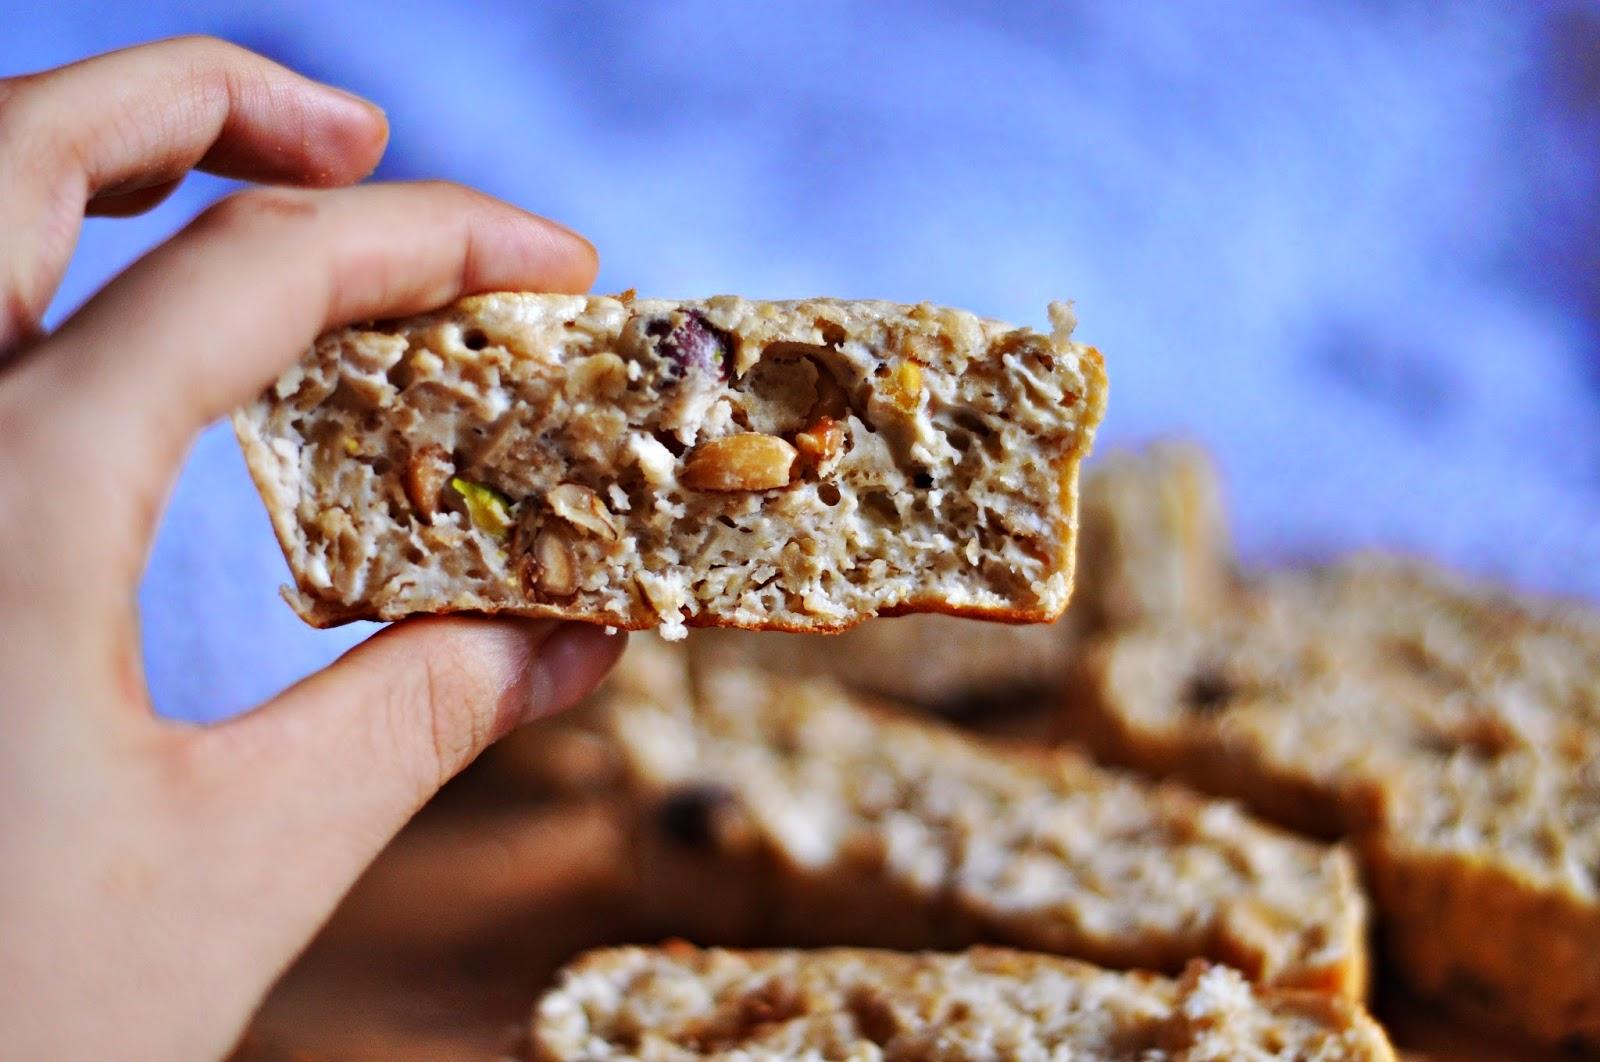 Proteinowe batoniki z orzechami na drugie śniadanie | dietetyczne, bezglutenowe | przepis z odżywką białkową